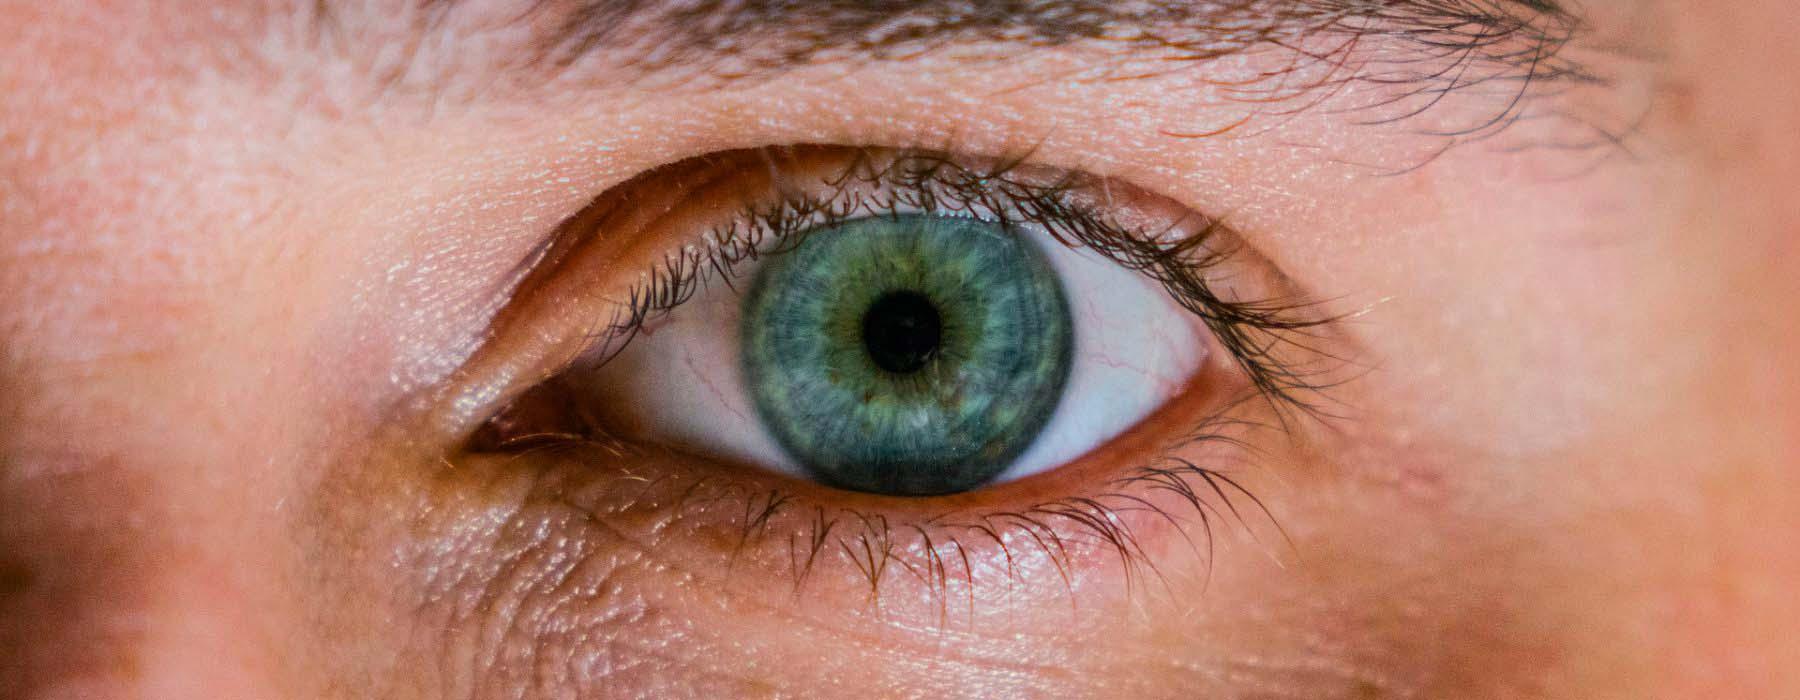 Glaucoma: qué es y quién lo padece